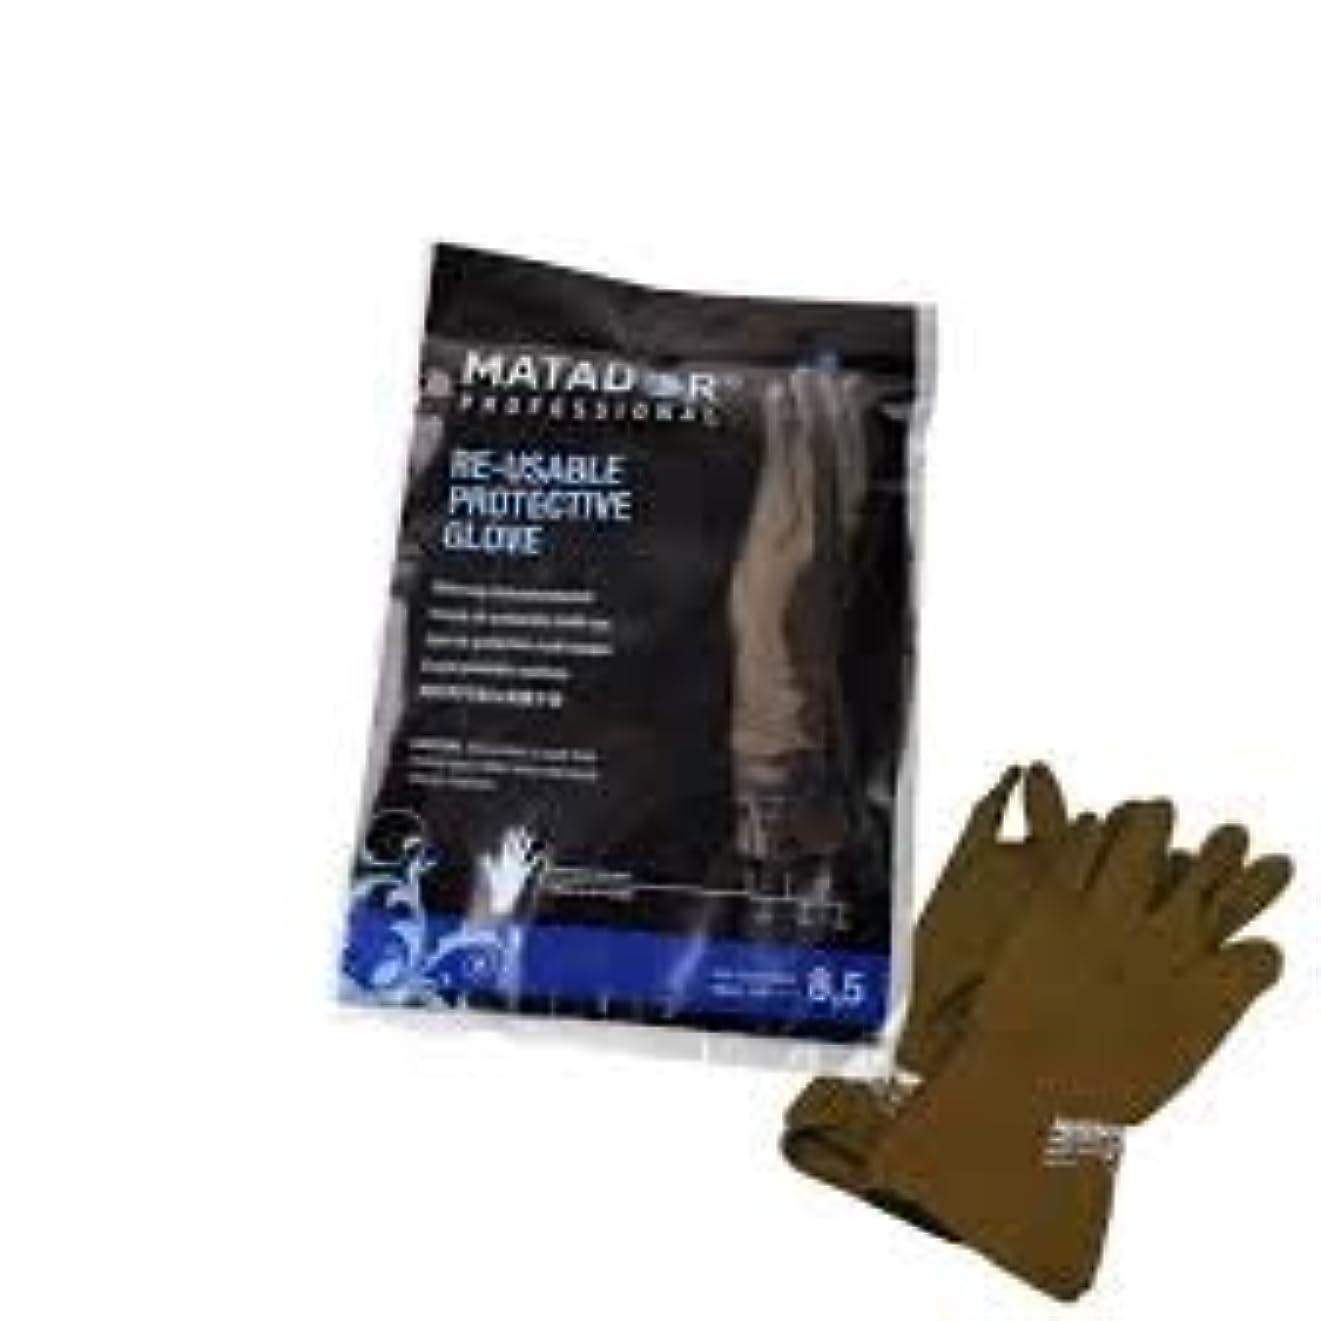 破裂不利益柔らかいマタドールゴム手袋 8.5吋 【5個セット】